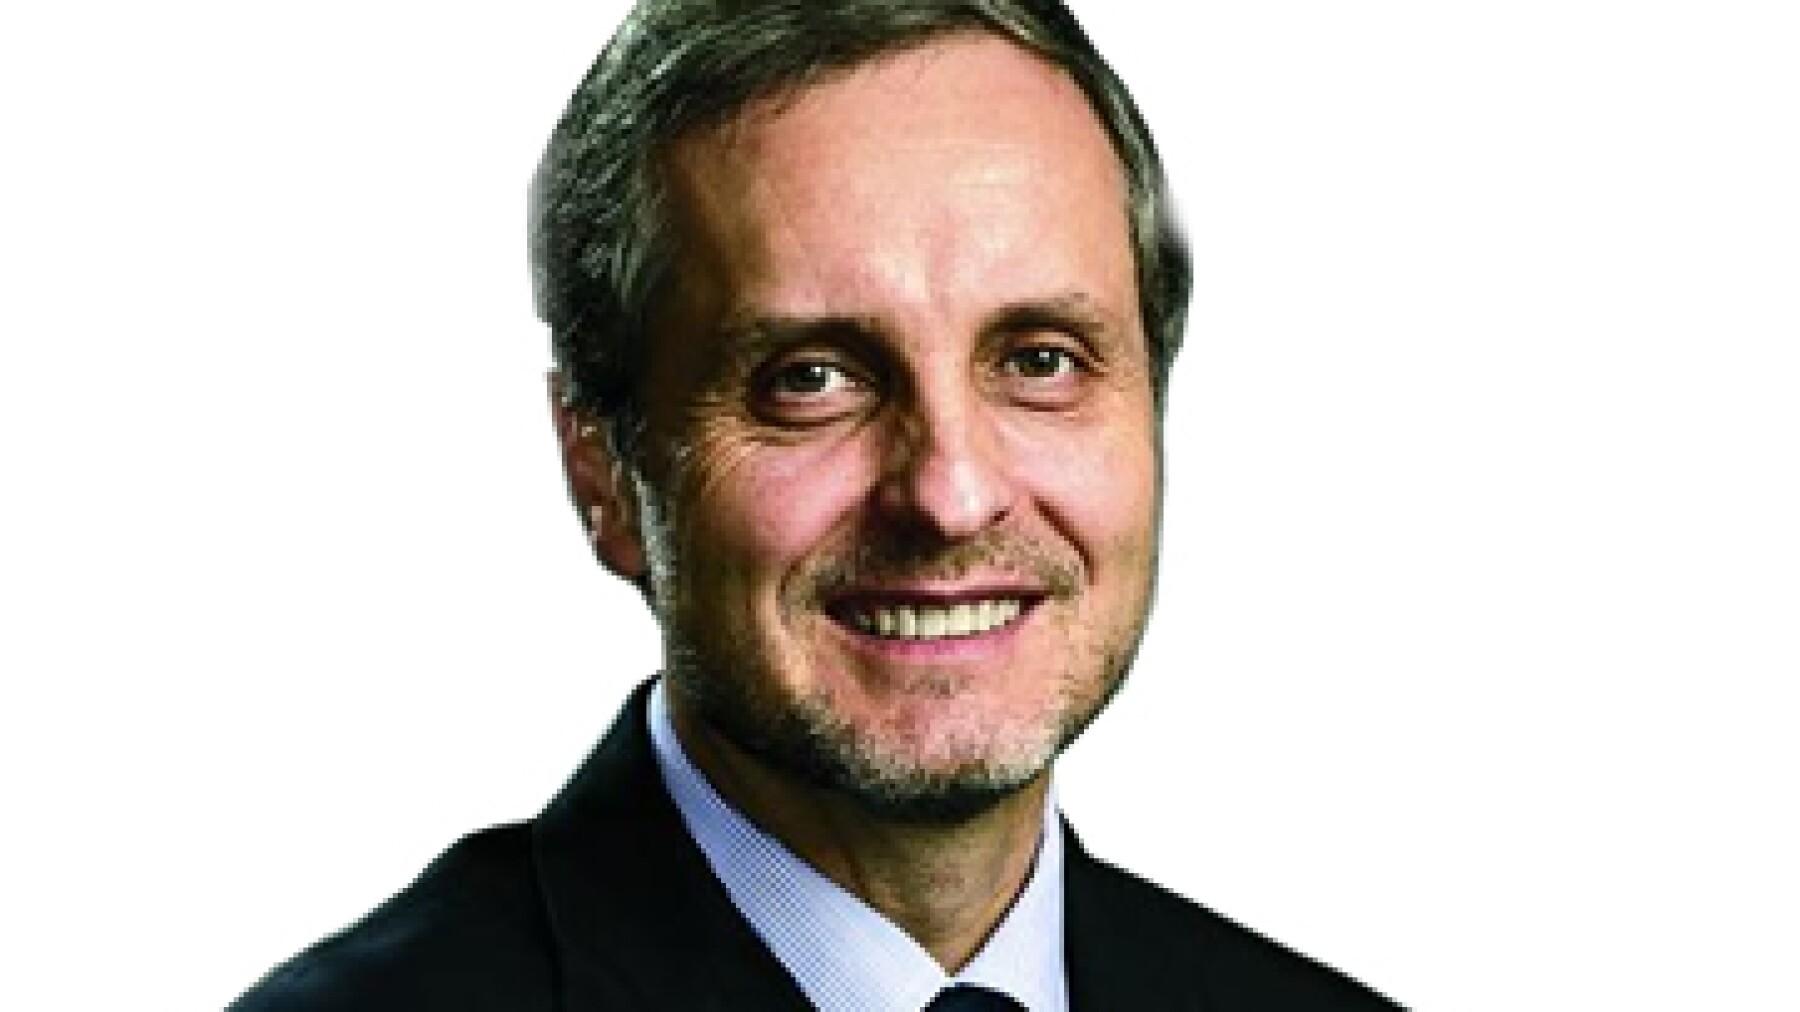 Desde que Daniel Servitje tomó control de Bimbo en 1997, la firma ha llegado a nuevos territorios en el extranjero. En 2011 se convirtió en la panificadora más grande del mundo. (Foto: Especial)